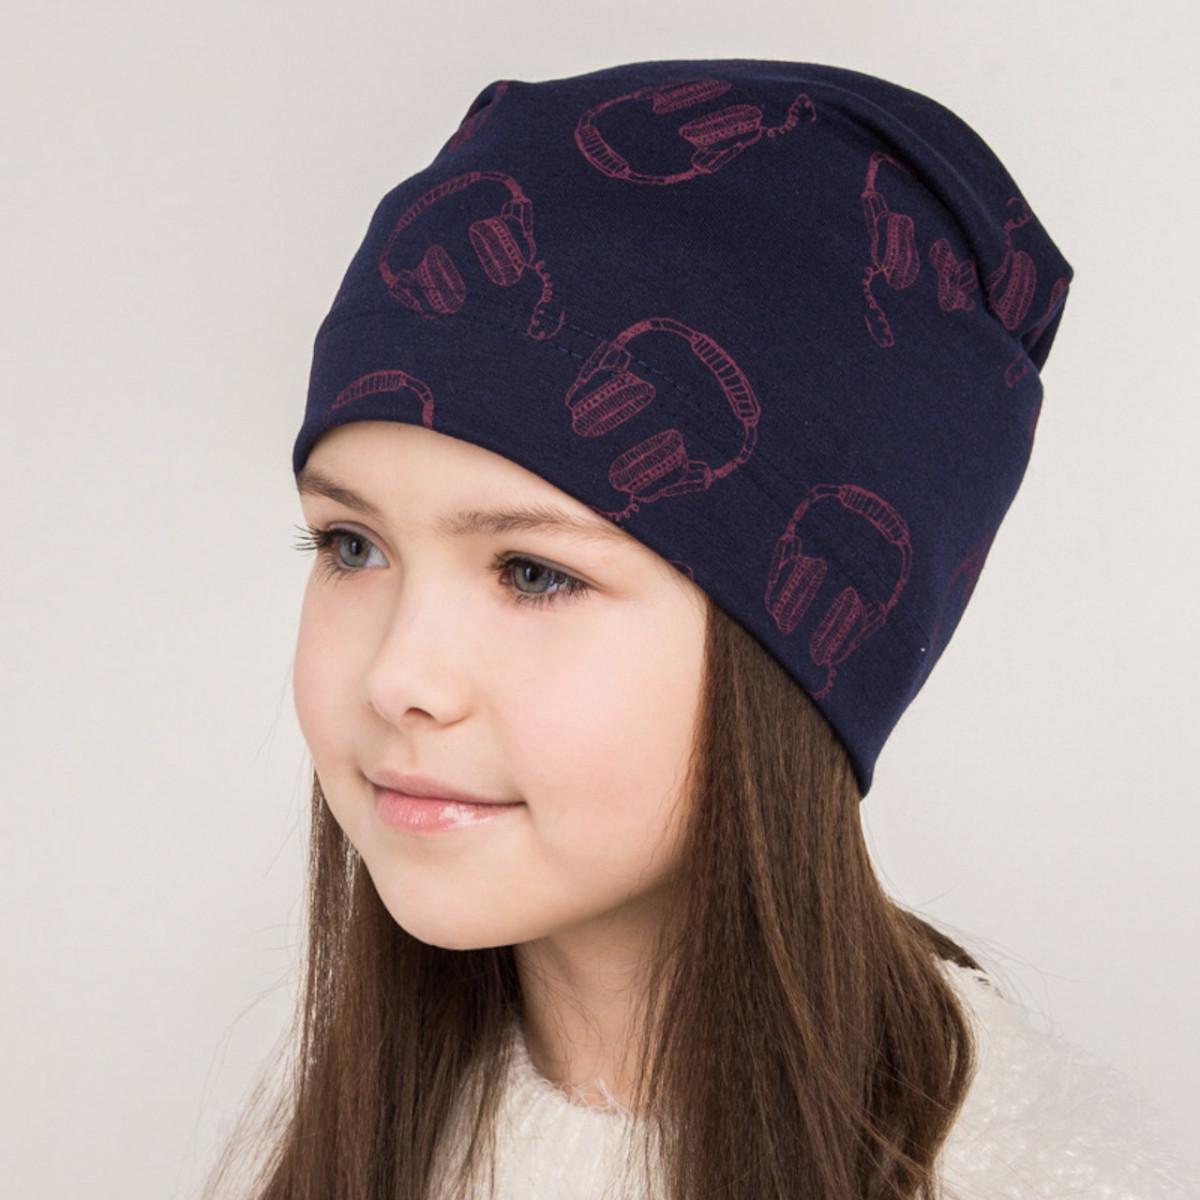 Шапка для дівчаток на весну-осінь 2018 оптом - Навушники 2 - Артикул 2043